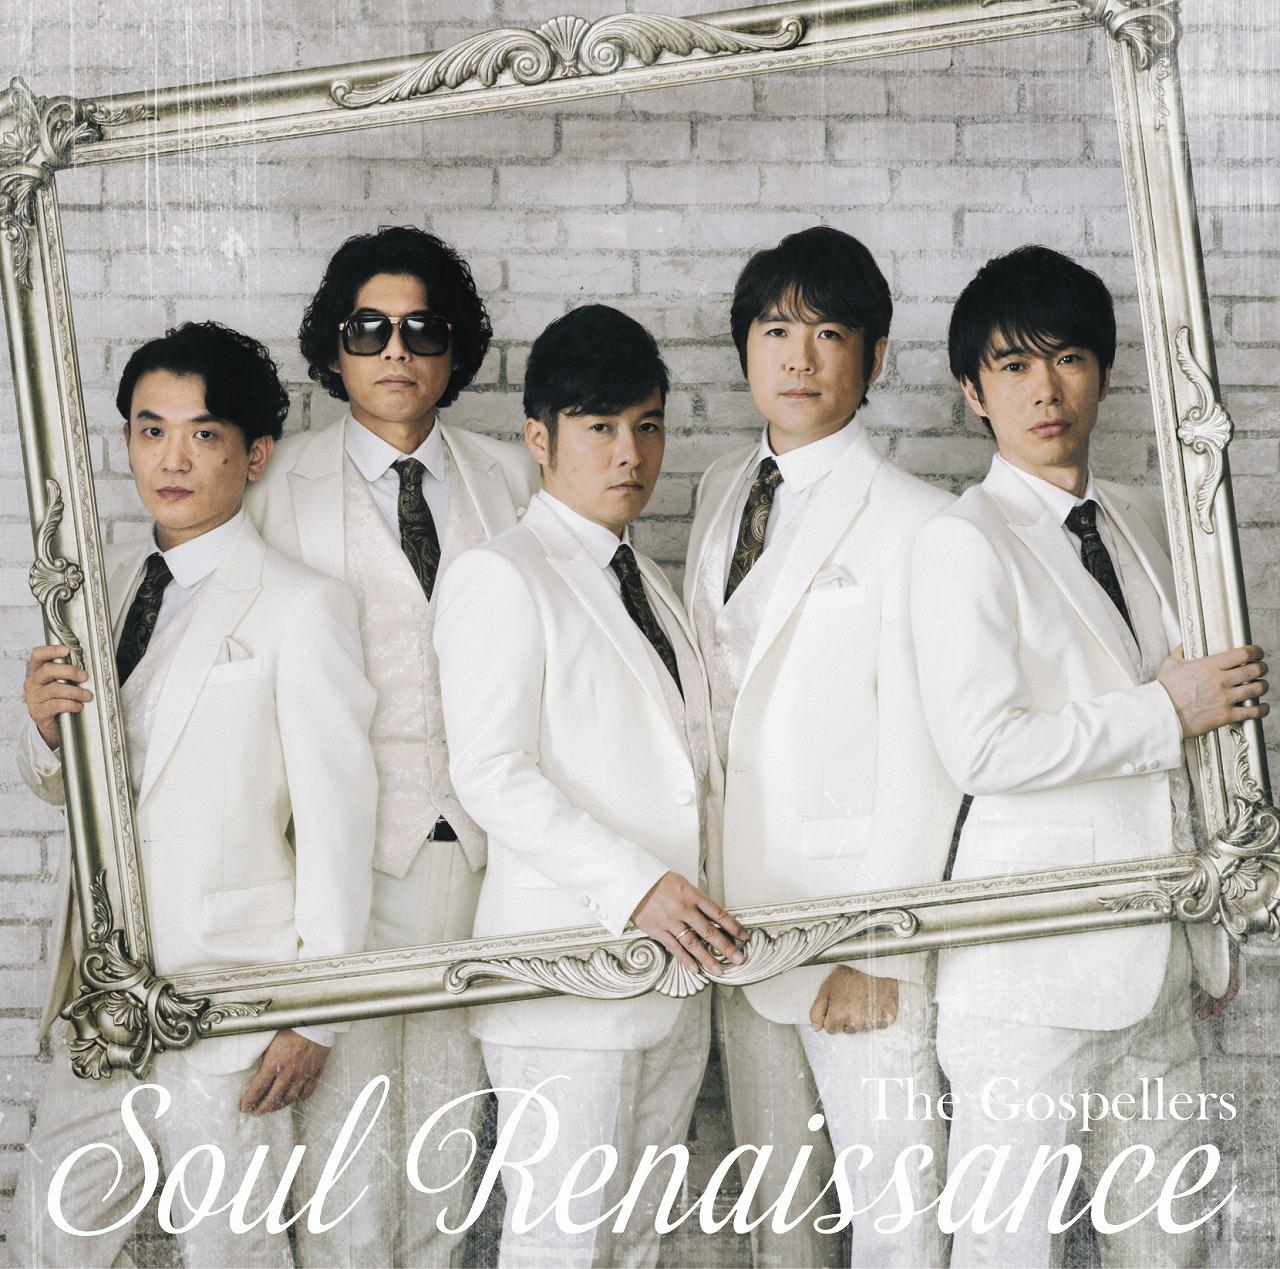 ゴスペラーズ 『Soul Renaissance』